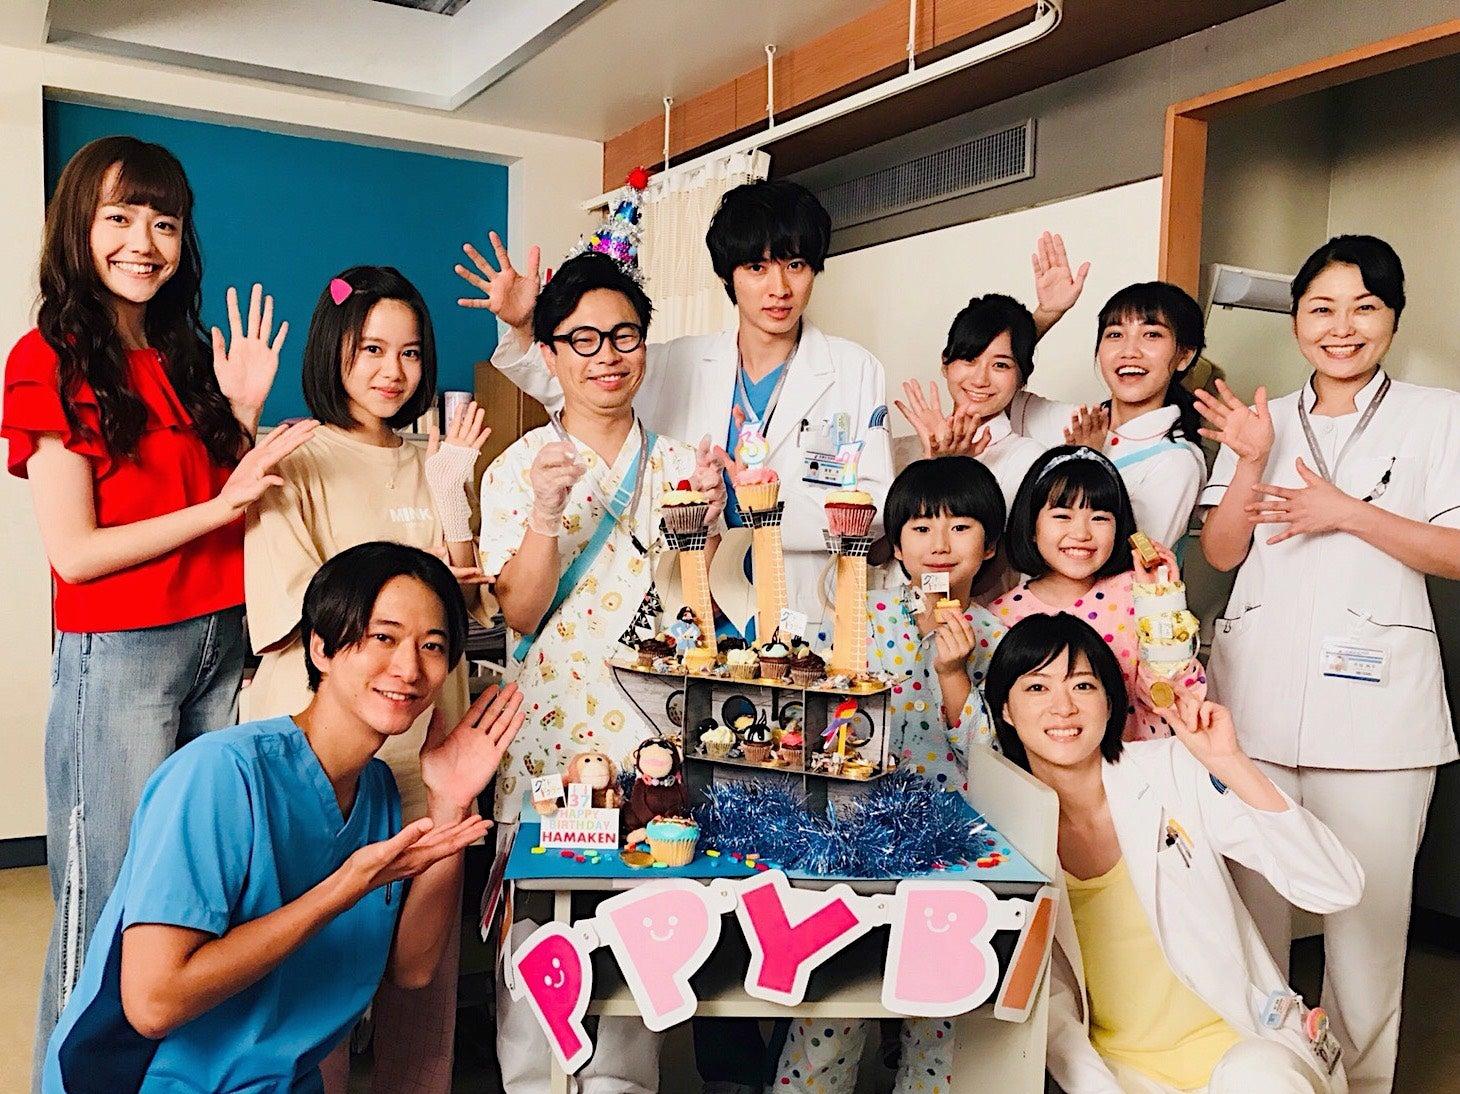 山崎賢人ら「グッド・ドクター」キャスト、浜野謙太の誕生日祝福 ...